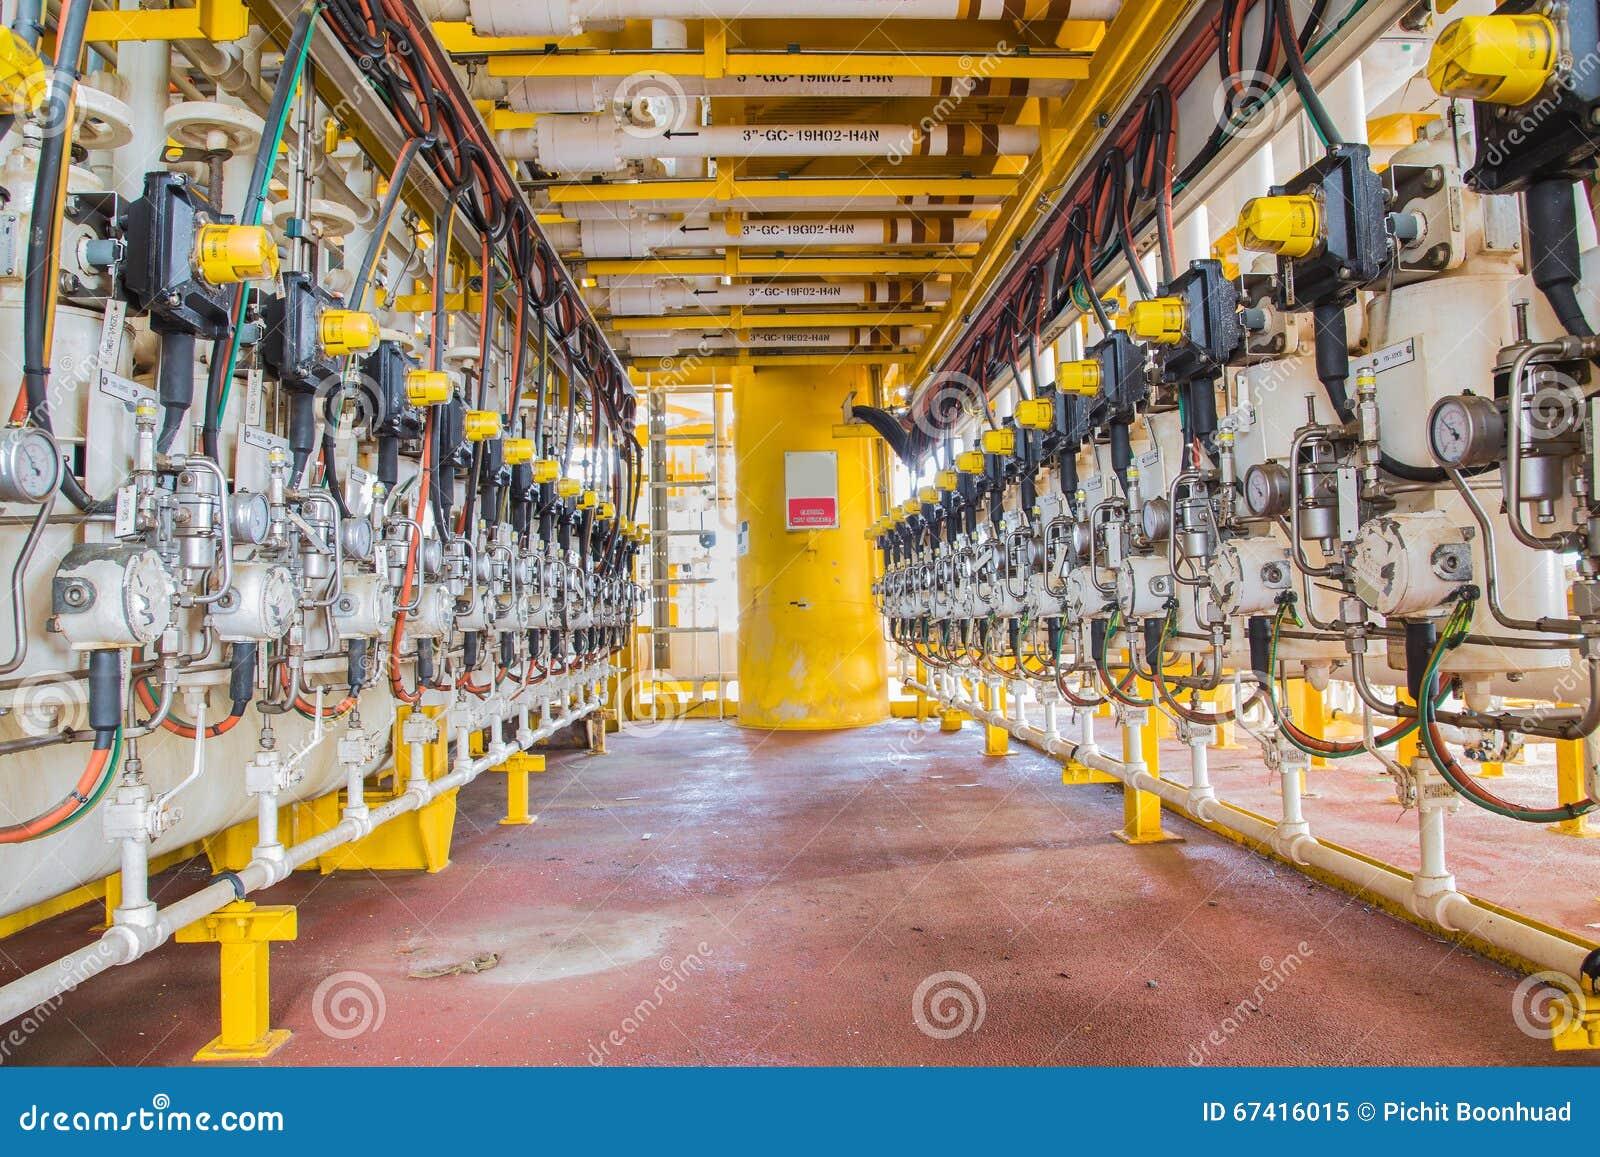 Valve de branches de séparateur de production et d essai dans la plate-forme de pétrole et de gaz